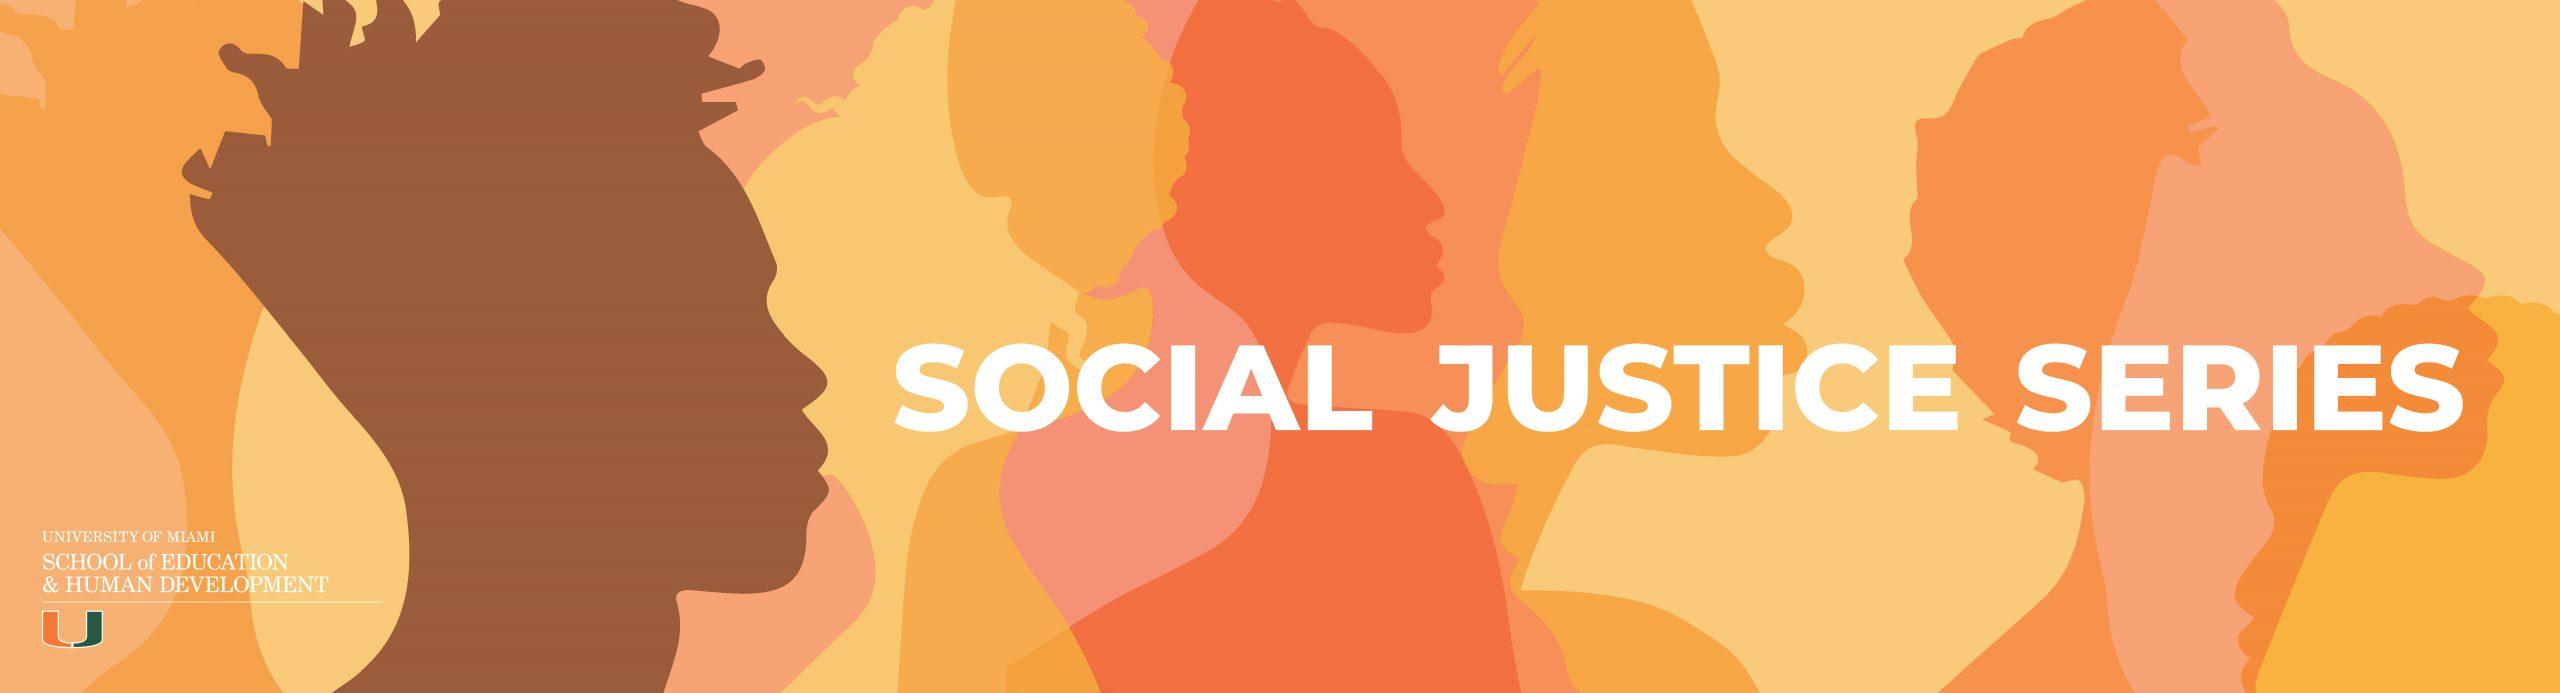 Social Justice Series – Gabrielle del Rey